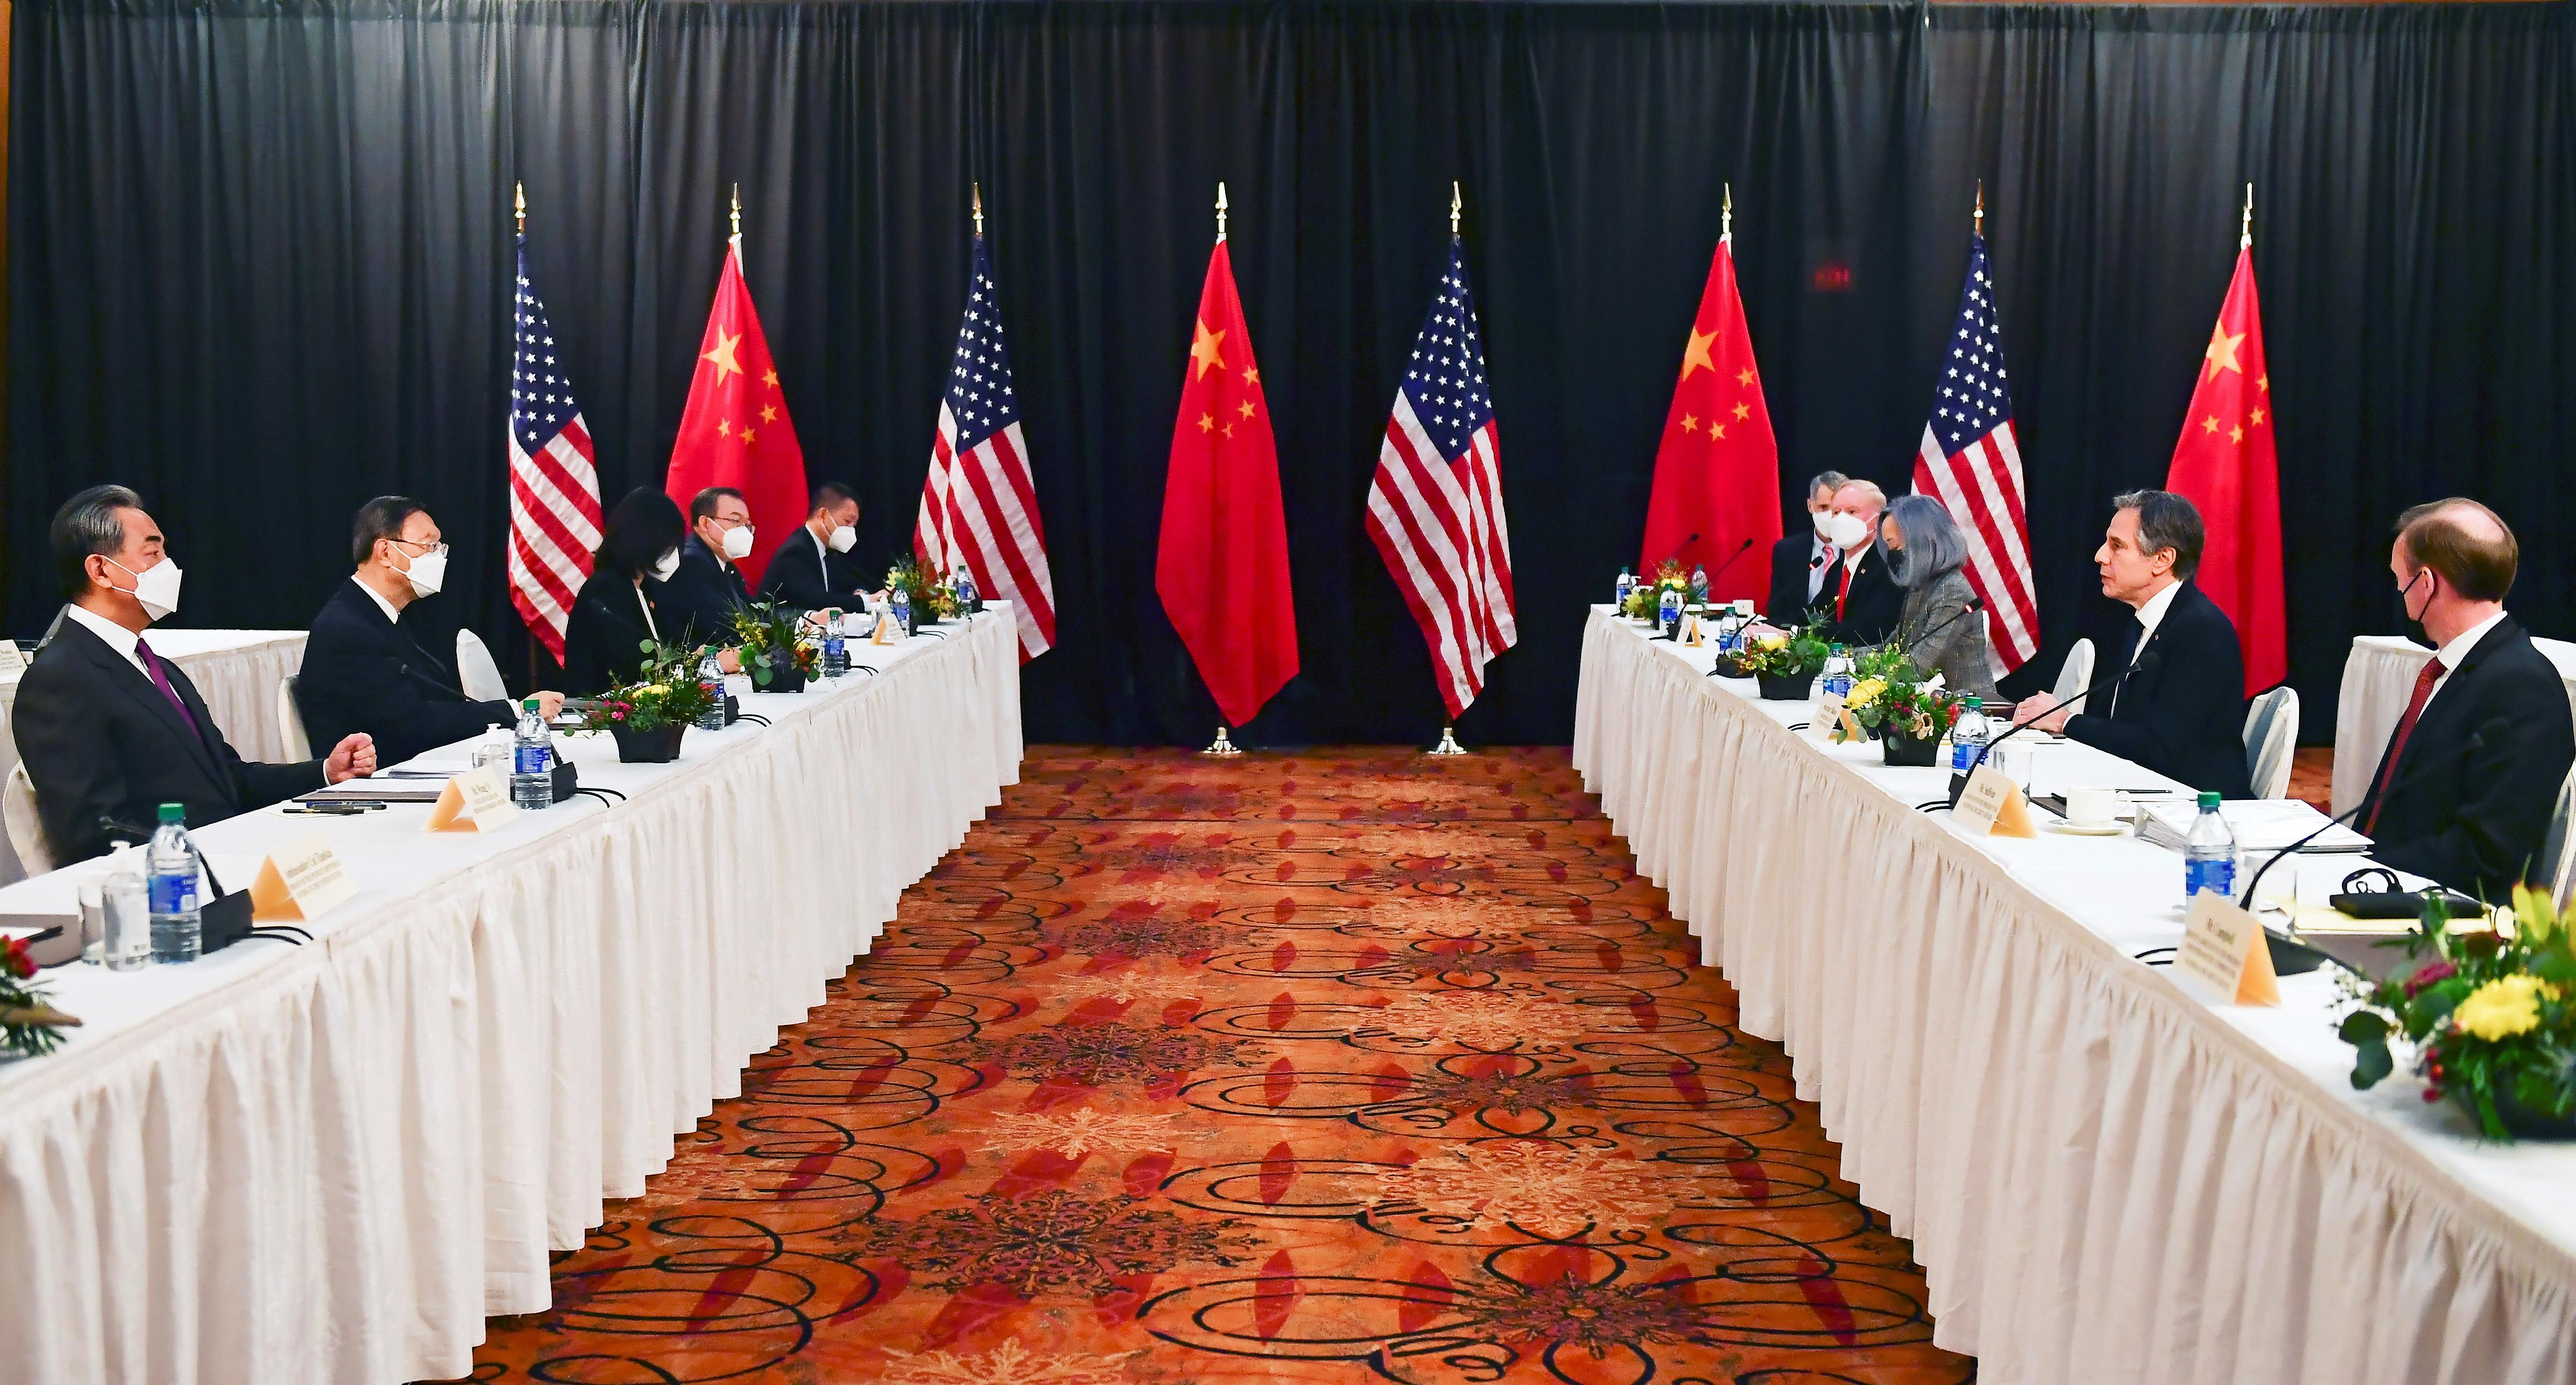 美國,日本,台海,兩岸關係,中國,韓國,布林肯,拜登,菅義偉,印太戰略,小池百合子